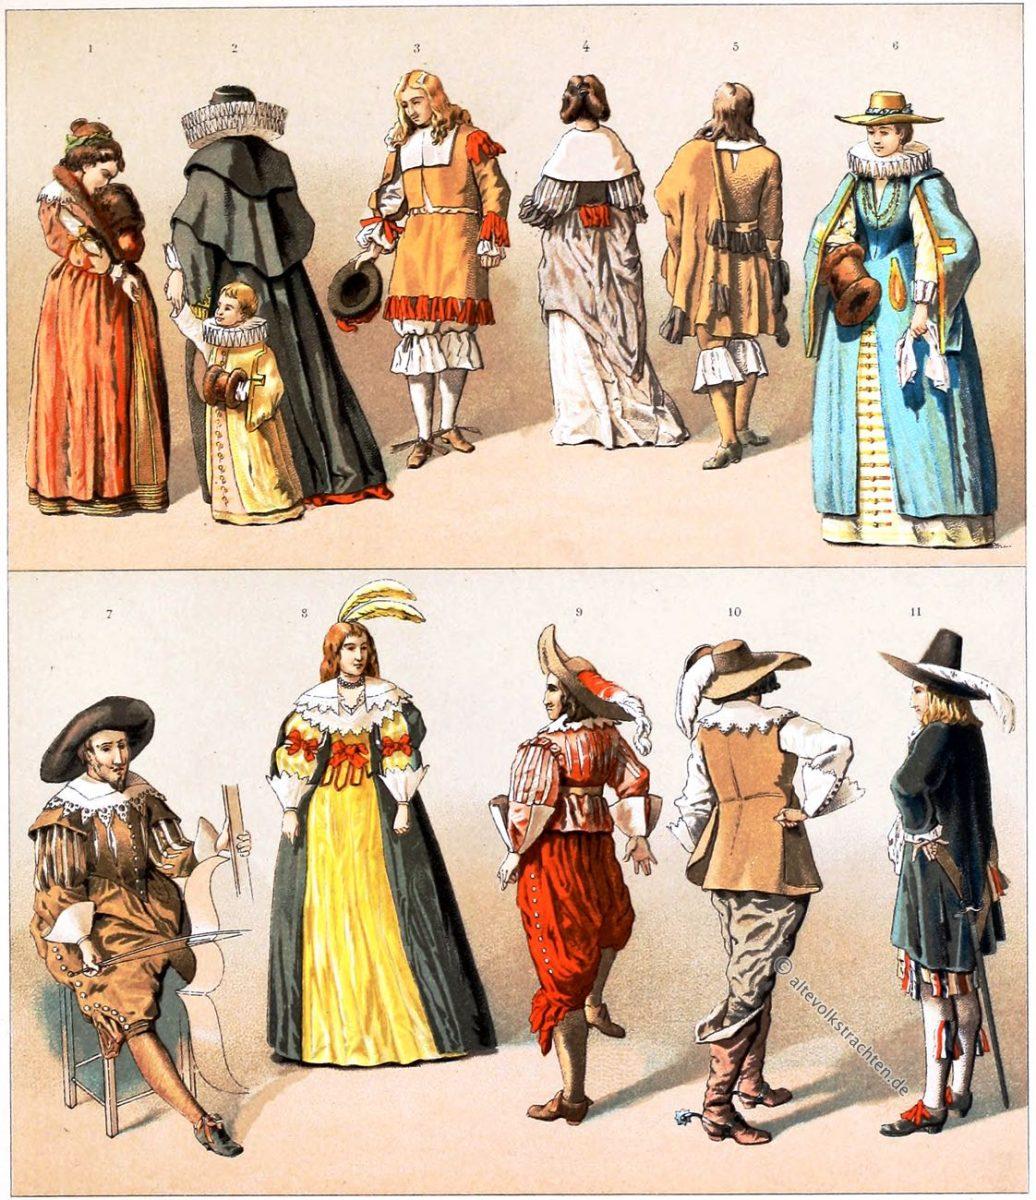 Auguste Racinet, HAUSTRACHTEN, BÜRGER, Adel, Bürgerstand, Holland, Kleidung, Barock , Kostümgeschichte,